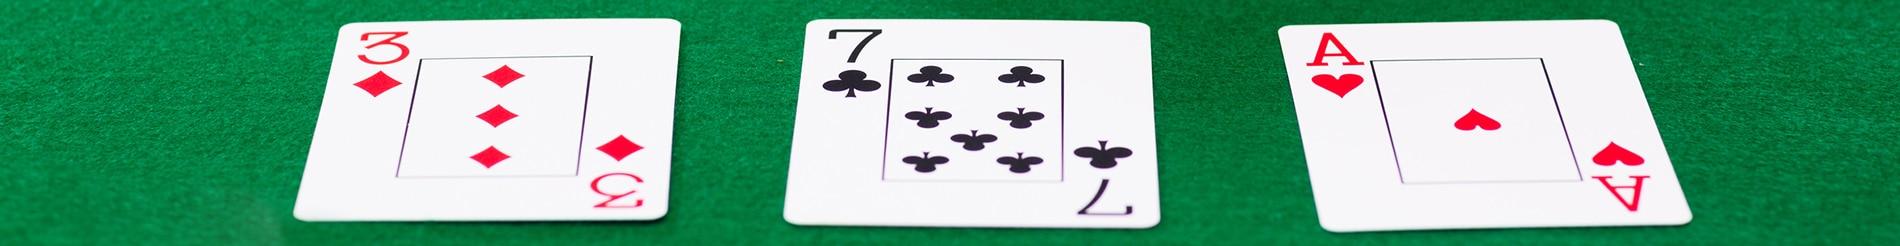 3 card poker banner